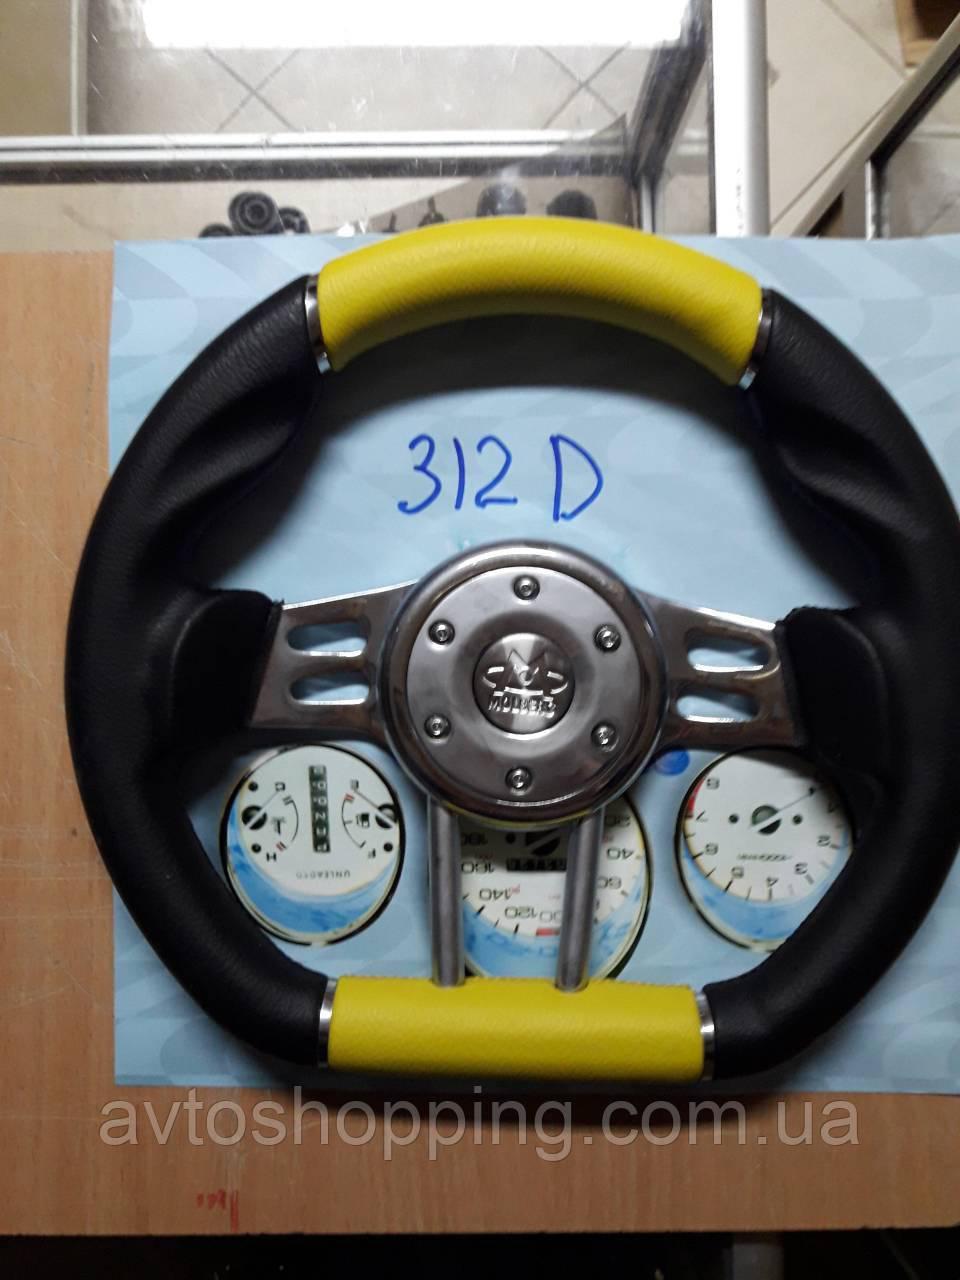 Руль Спортивный Спорт 312D желтый с черным, Турция Лада ,Таврия ,Ваз,Ланос,Самара,опель